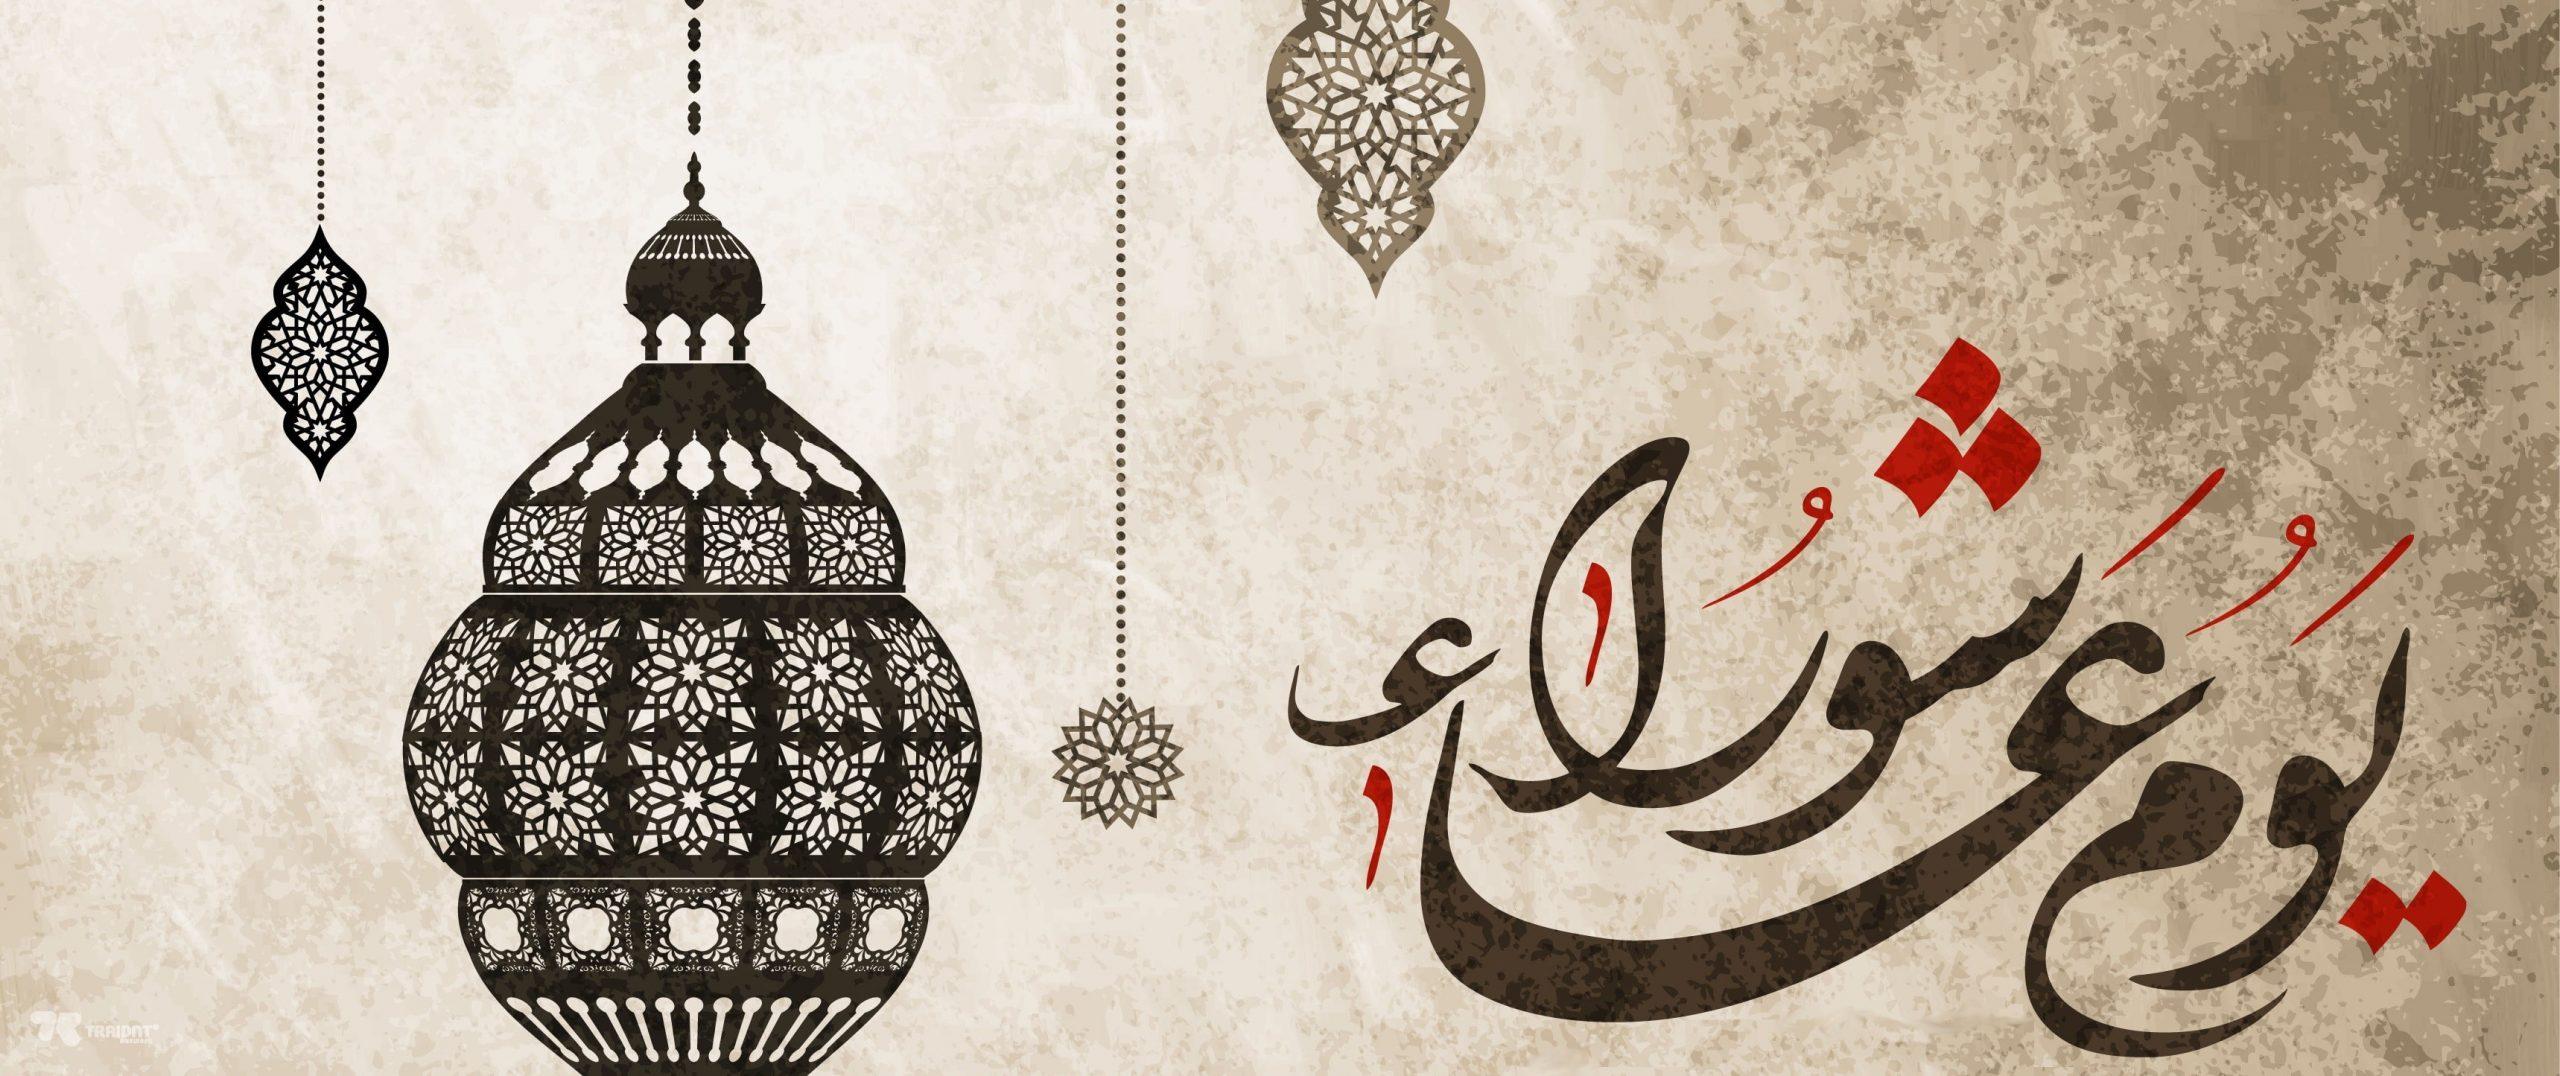 حكم صيام عاشوراء وعليه قضاء من رمضان